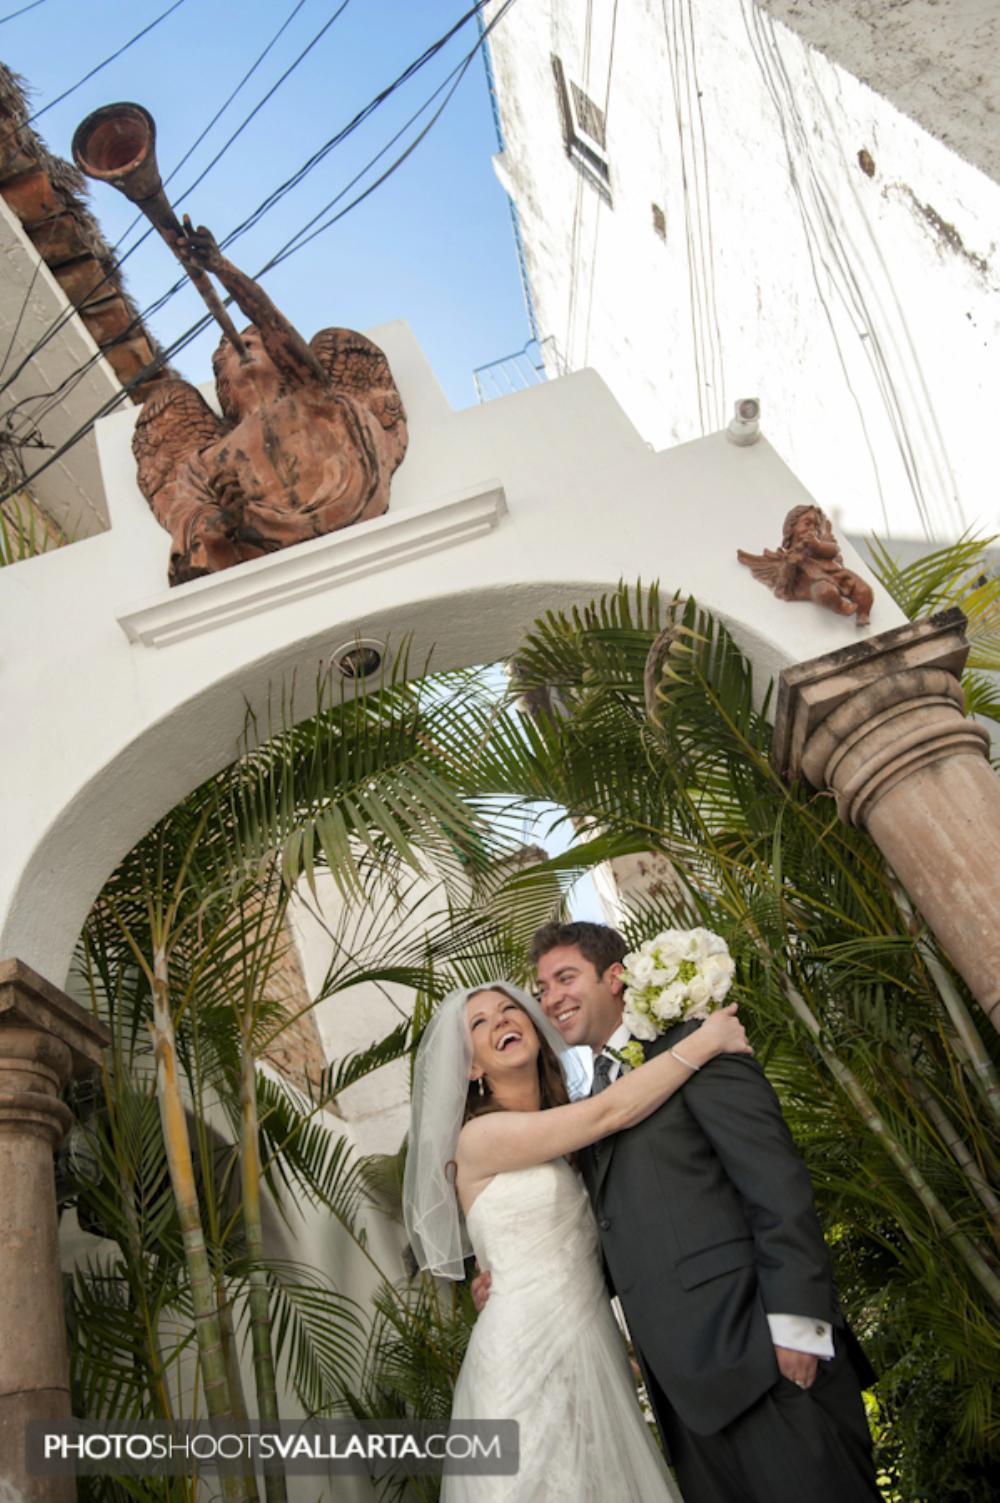 Wedding of Susan and Geno Hotel Velas, Catedral de Nuestra Señora de Guadalupe, Puerto Vallarta, Jalisco, Mexico Wedding planner www.chicconcepts.com.mx Photographer Eva Sica   PhotoShootsVallarta.mx weddings@photoshootsvallarta.com